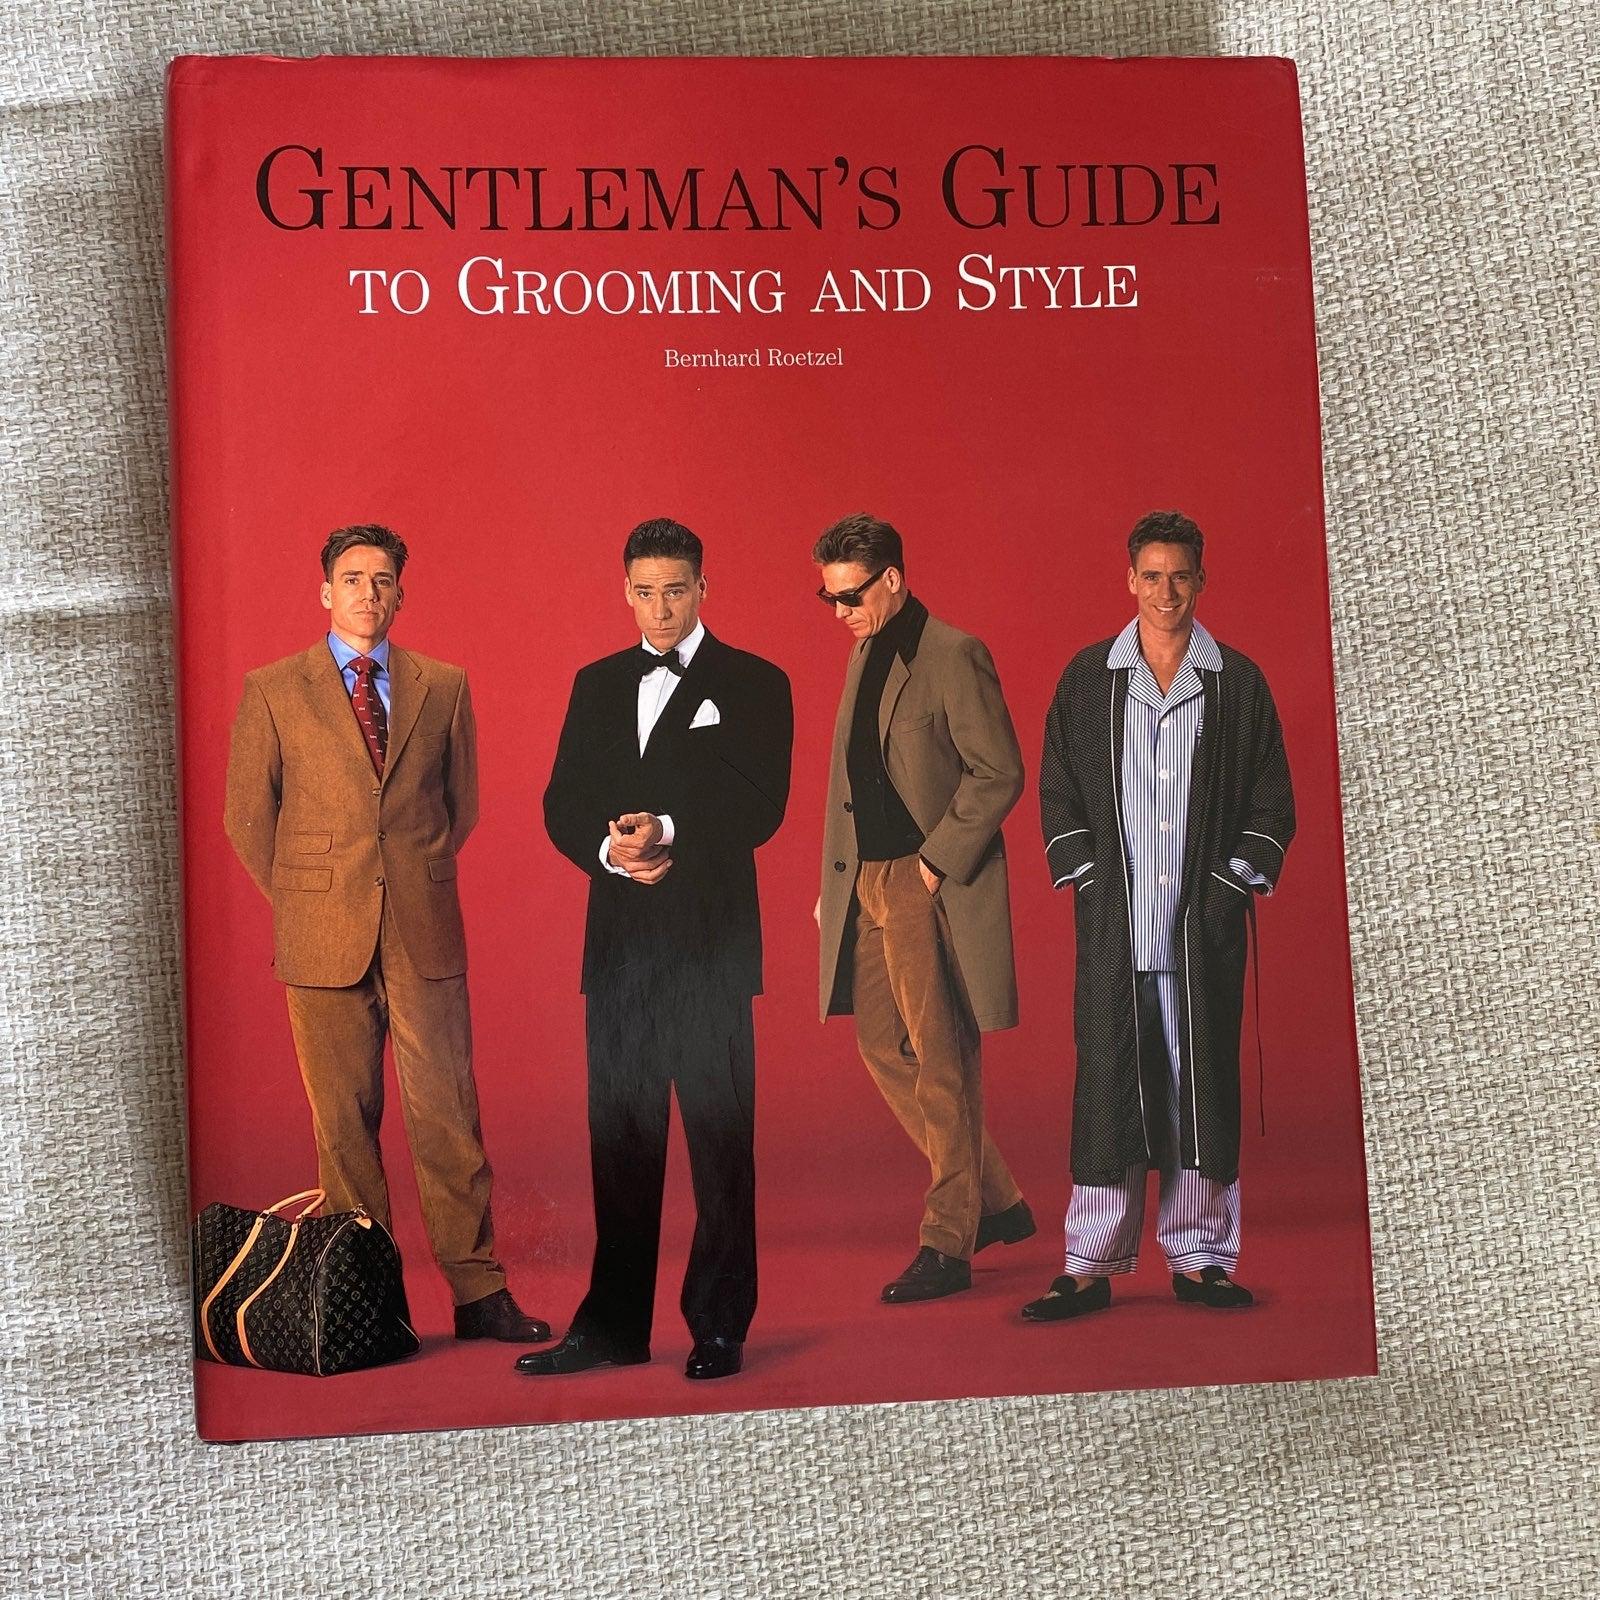 Gentleman's Guide book